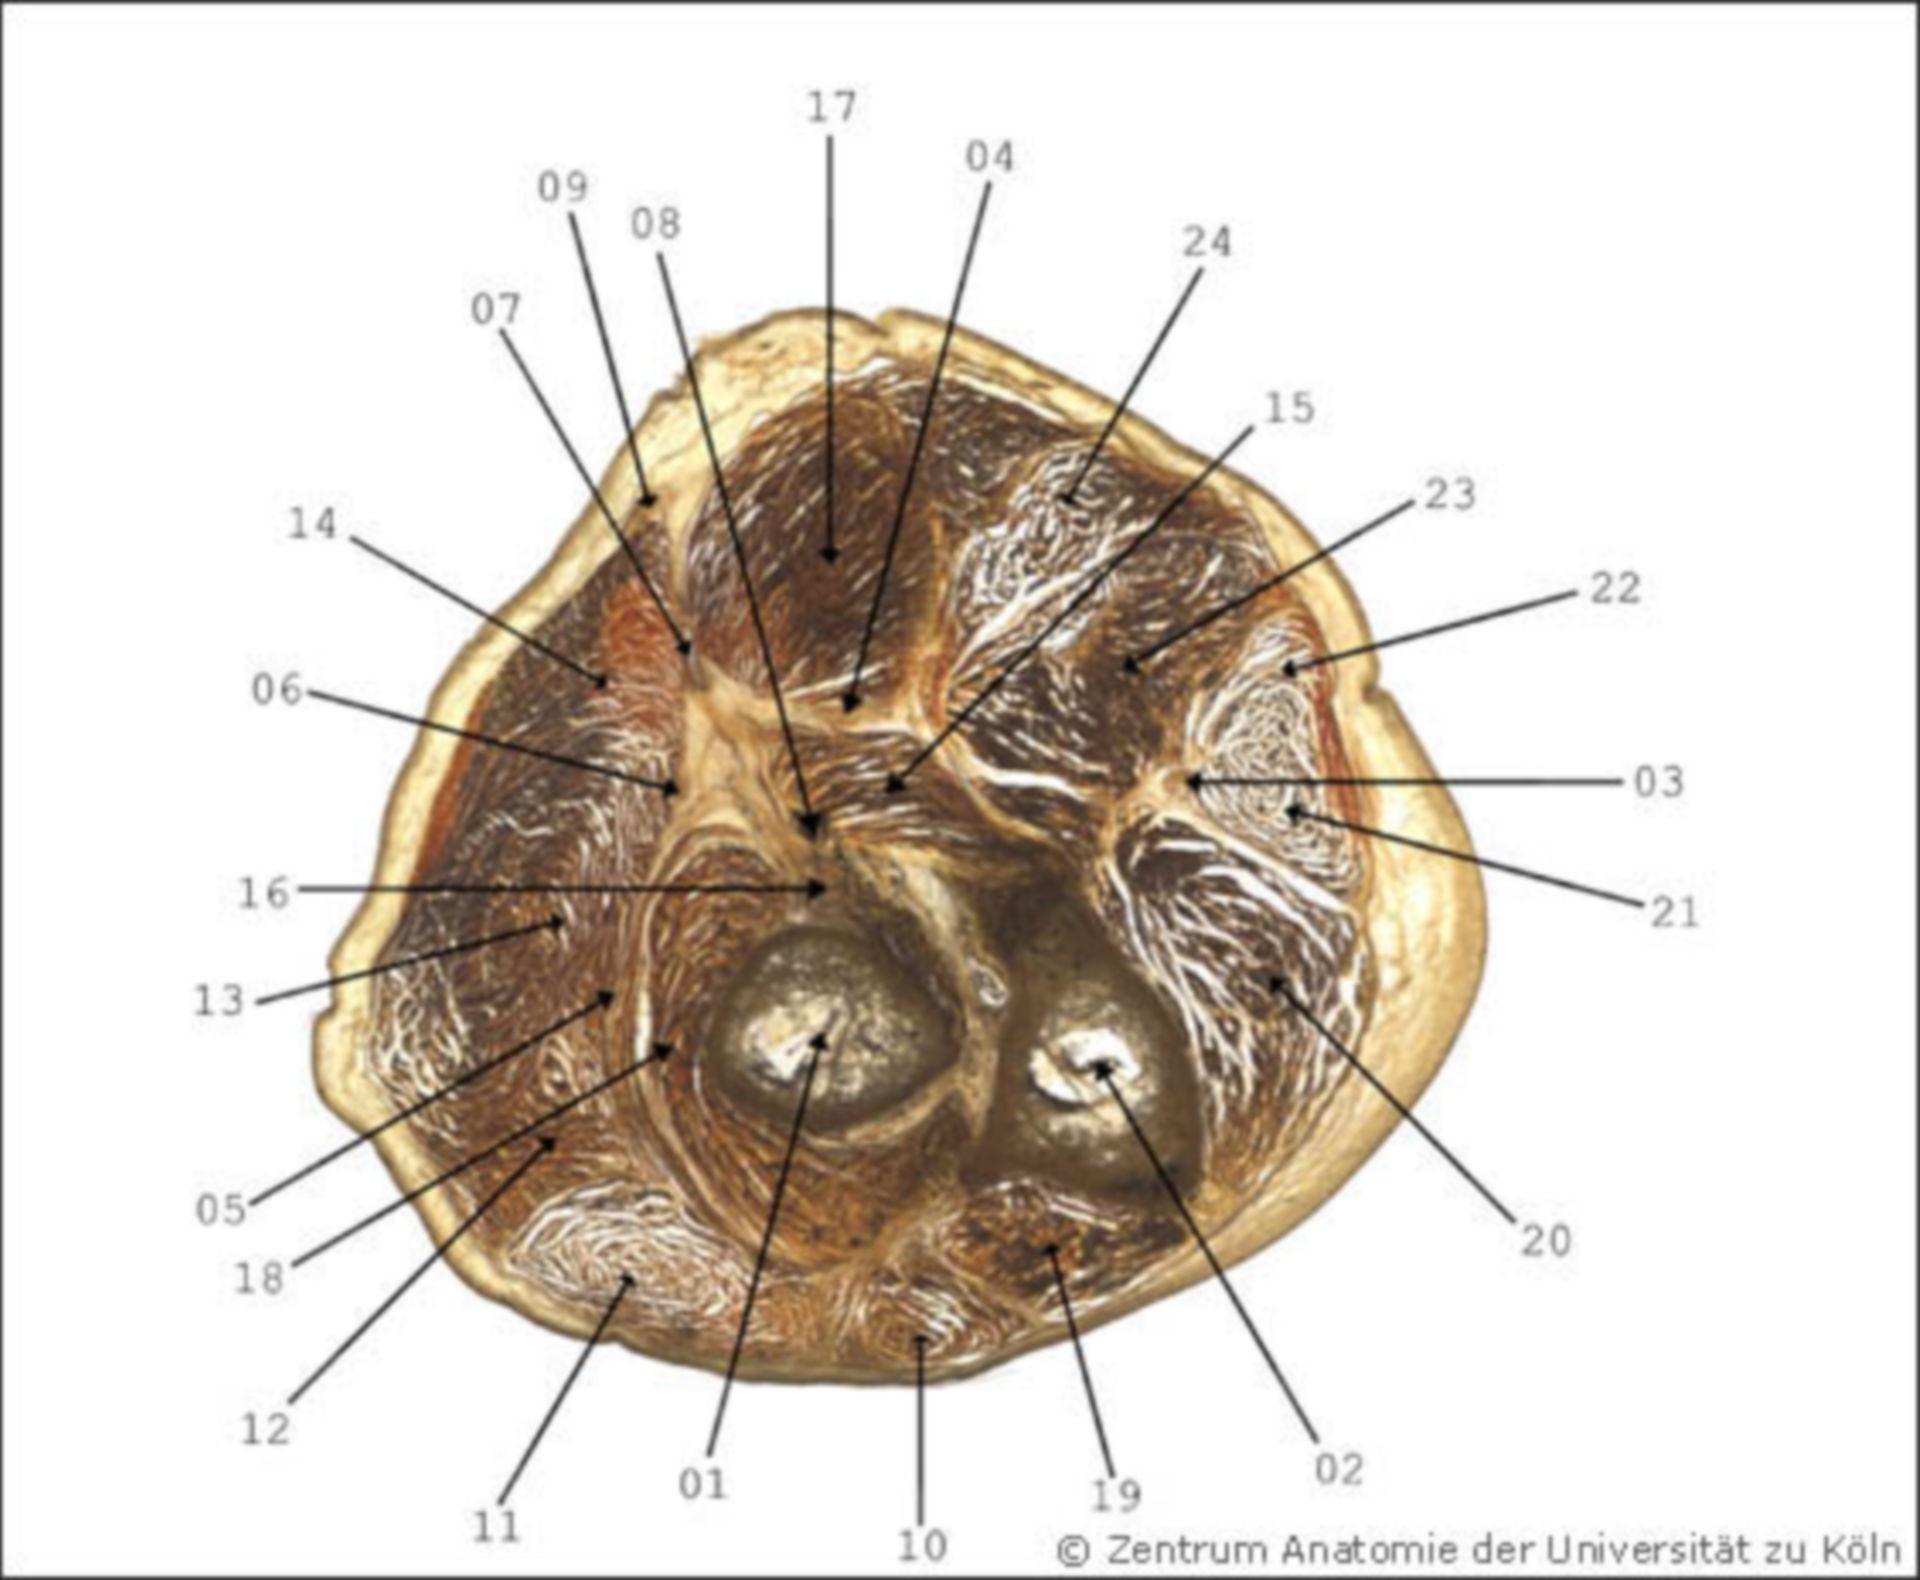 Antebrachium (anatomy)